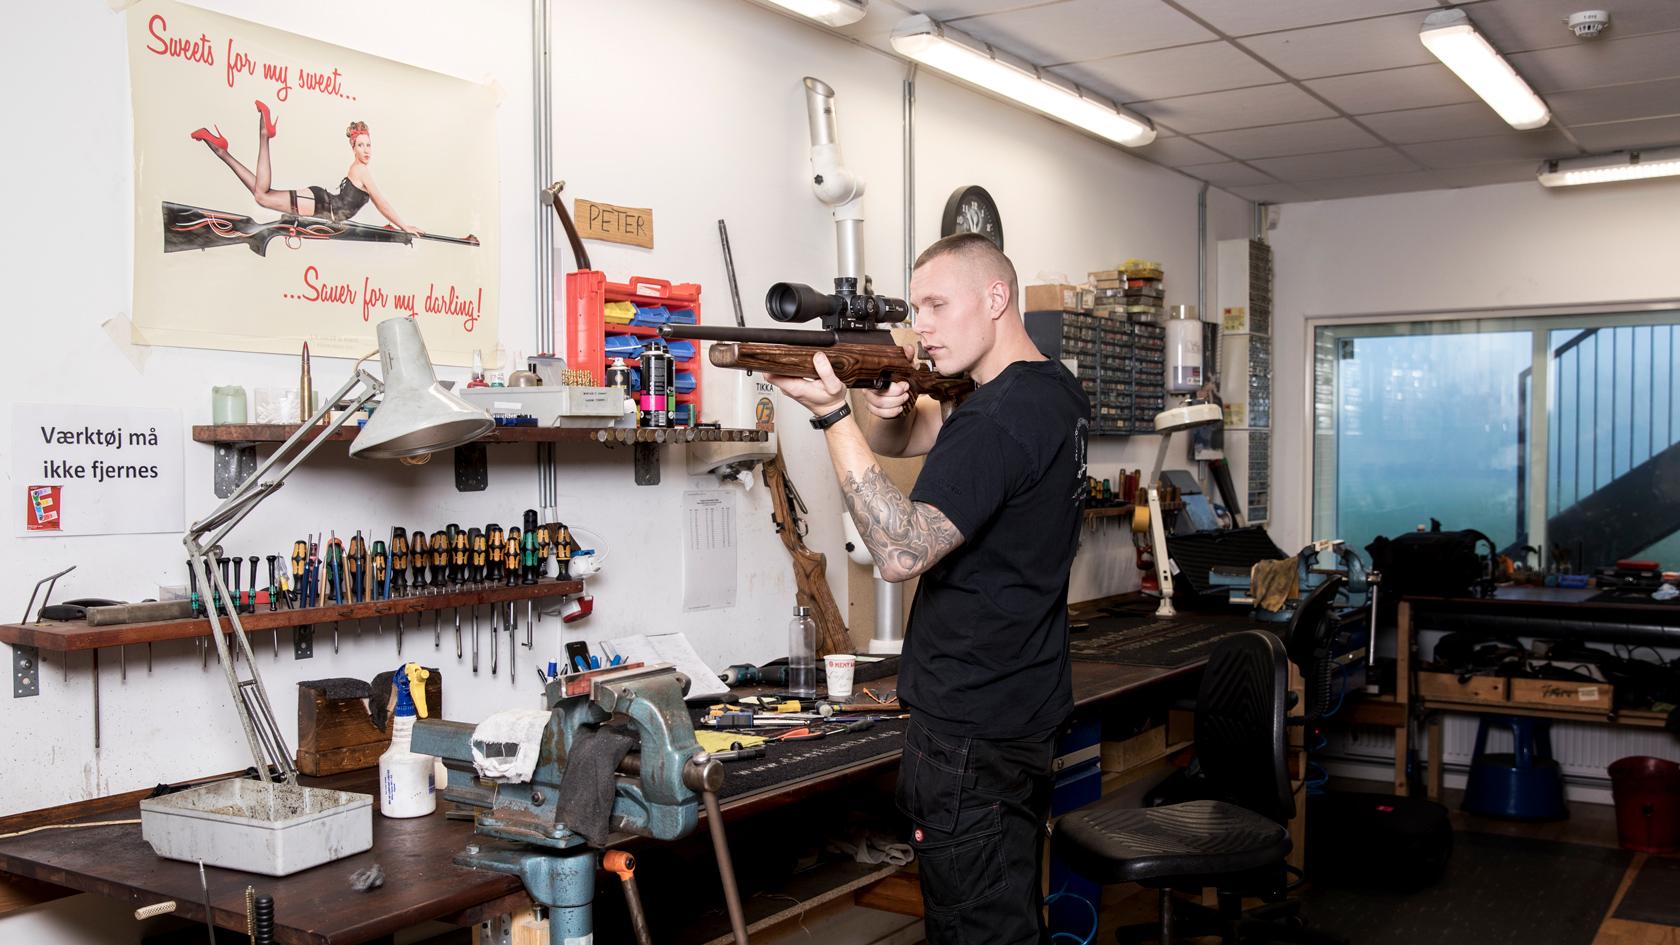 En adskilt jagtriffel ligger på Mads arbejdsplads. Riflen skal have lavet løb og låsestol.